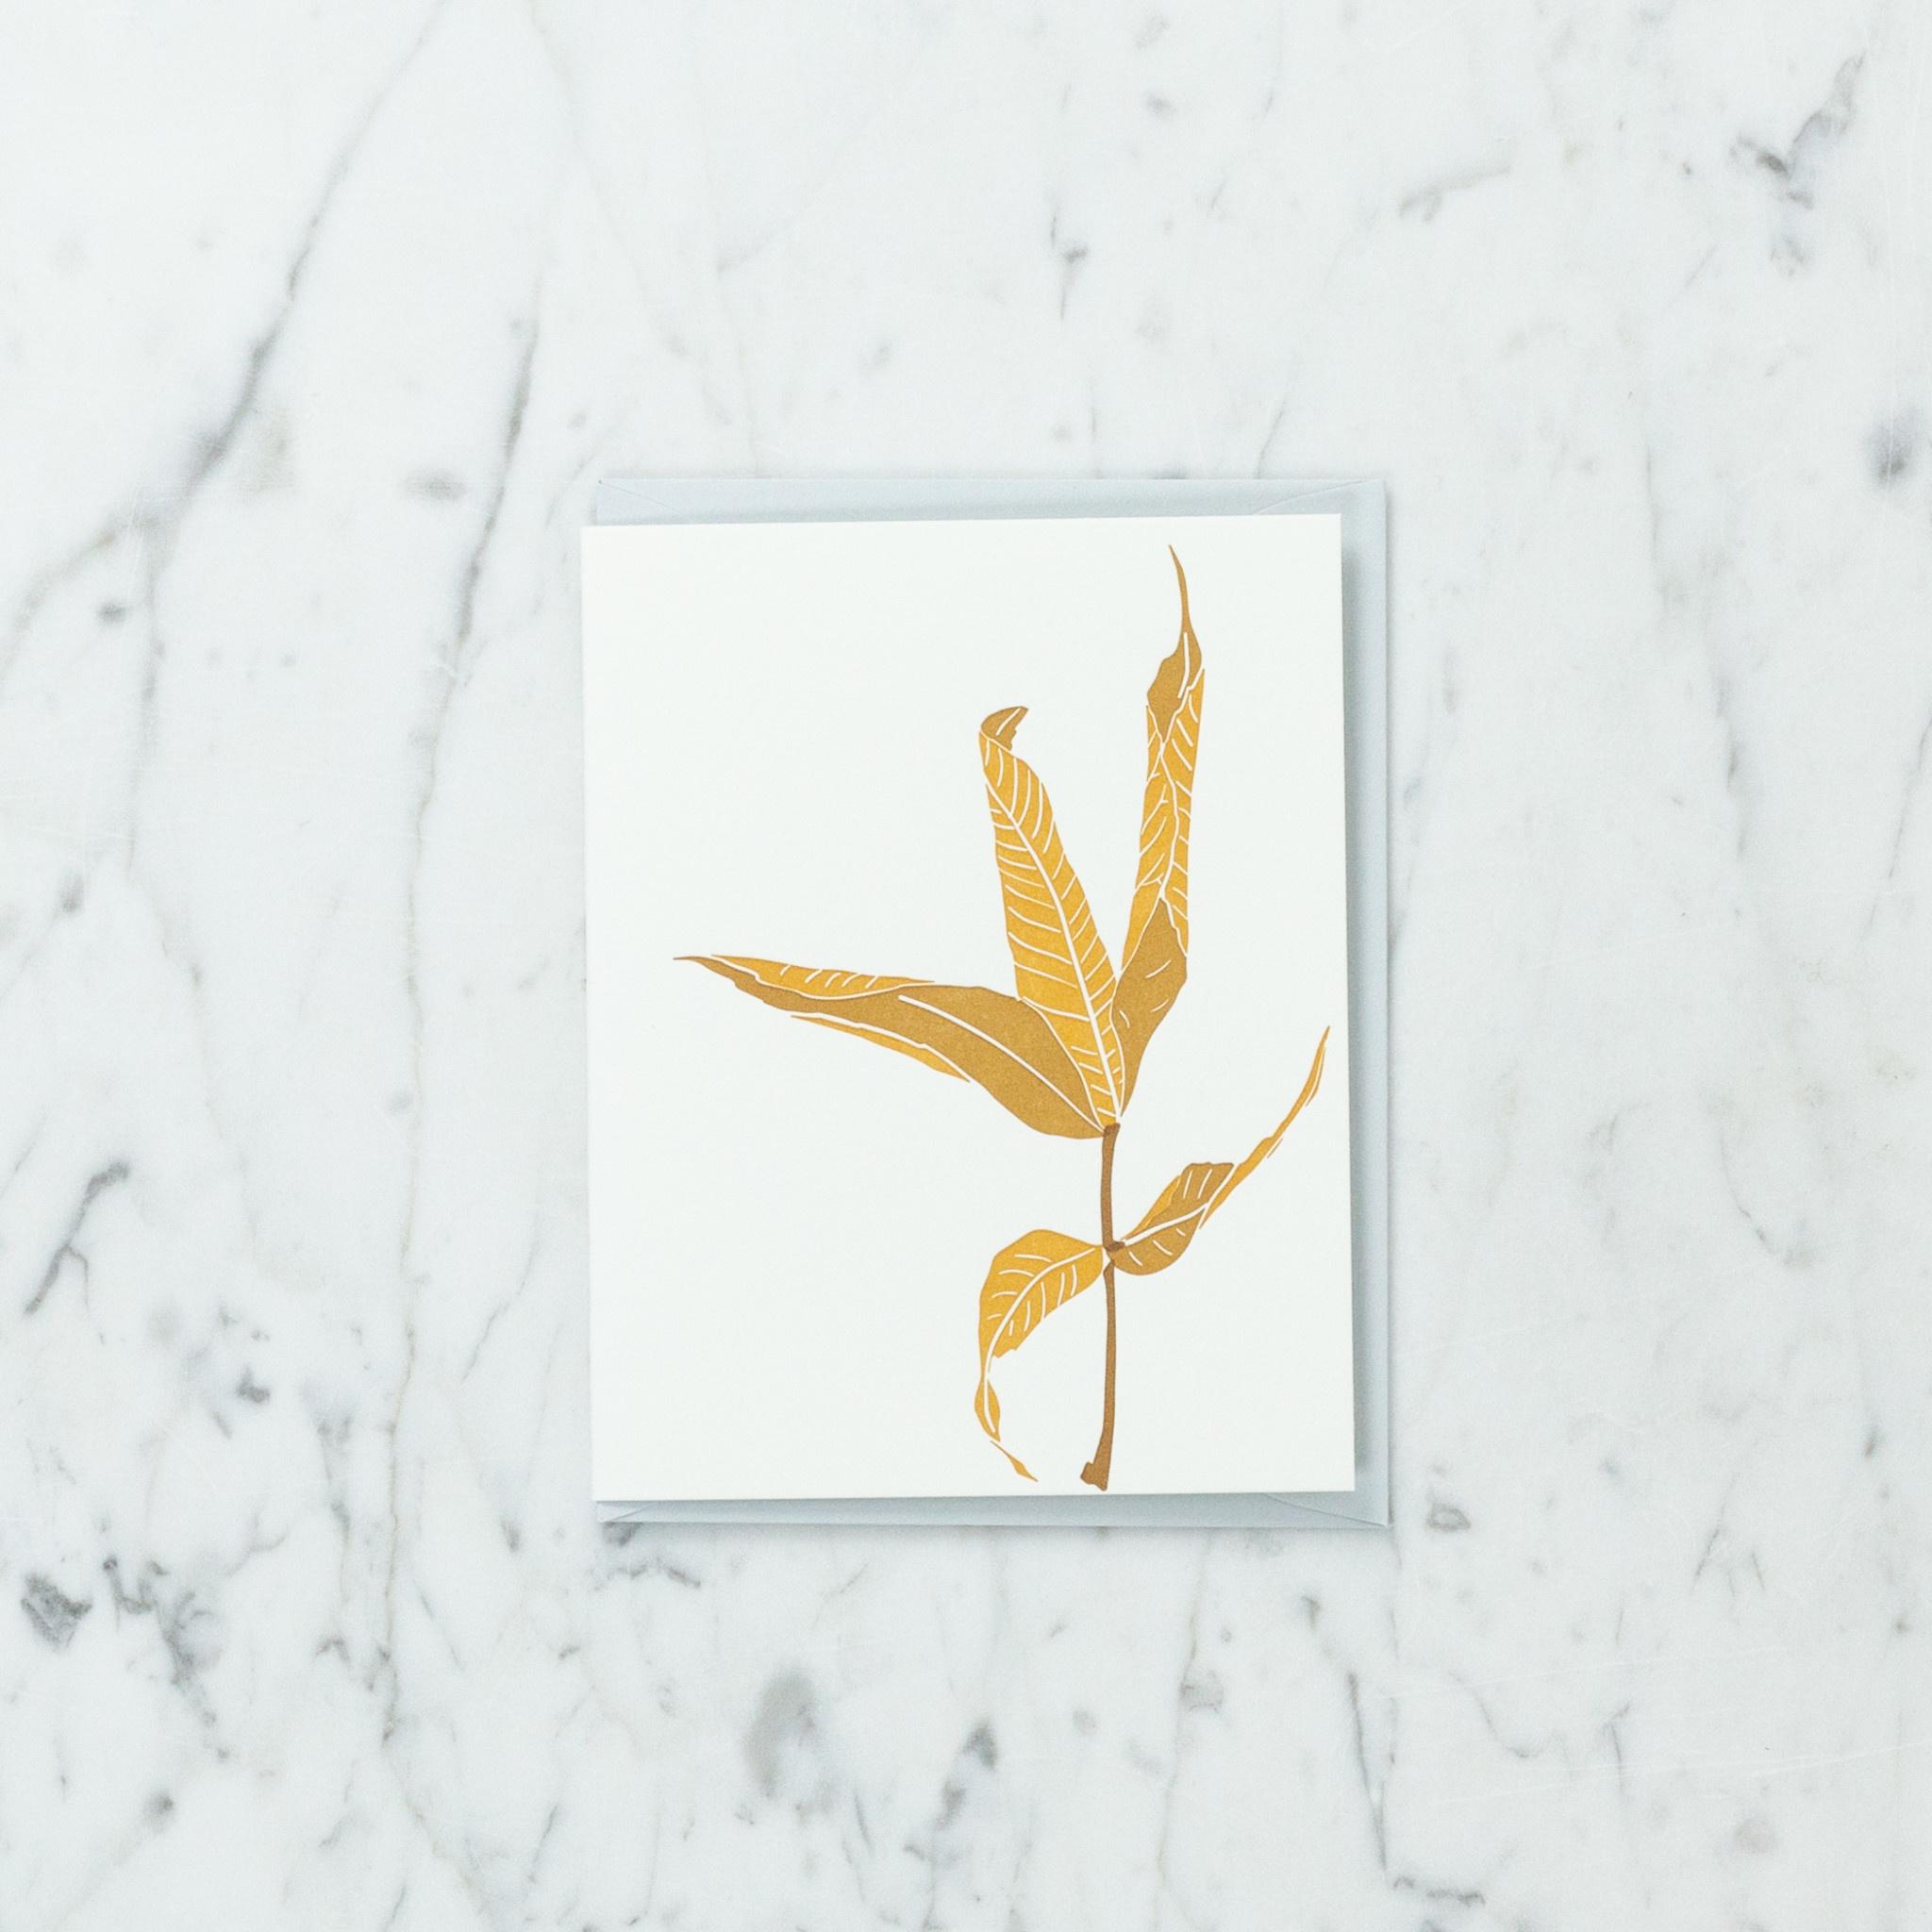 Brown Parcel Press Letterpress Bronze Leaf Card